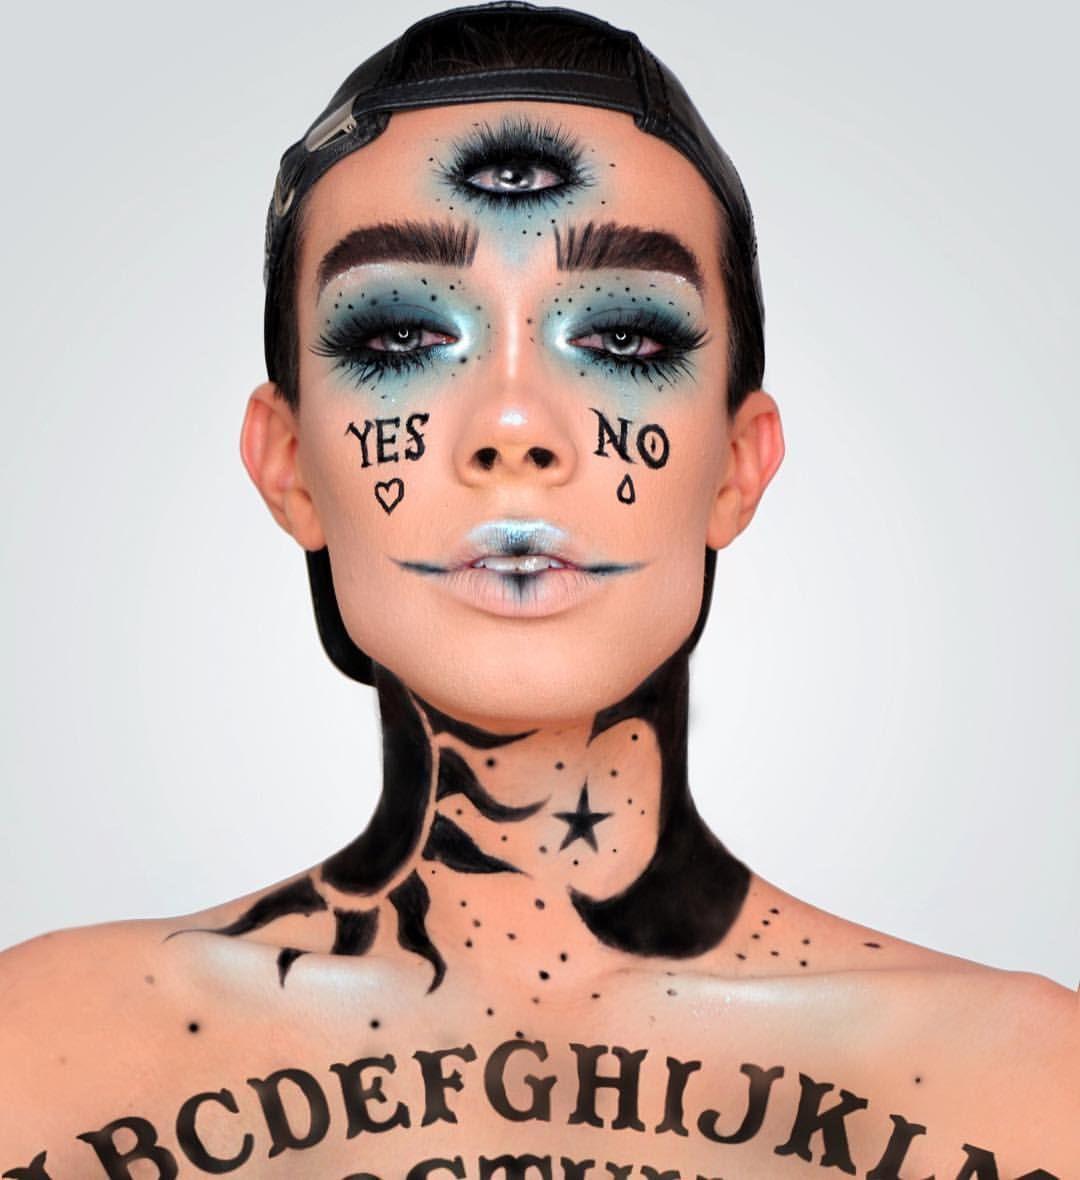 See This Instagram Photo By Jamescharles 174 9k Likes Halloween Makeup Inspiration Halloween Trends Halloween Makeup Looks